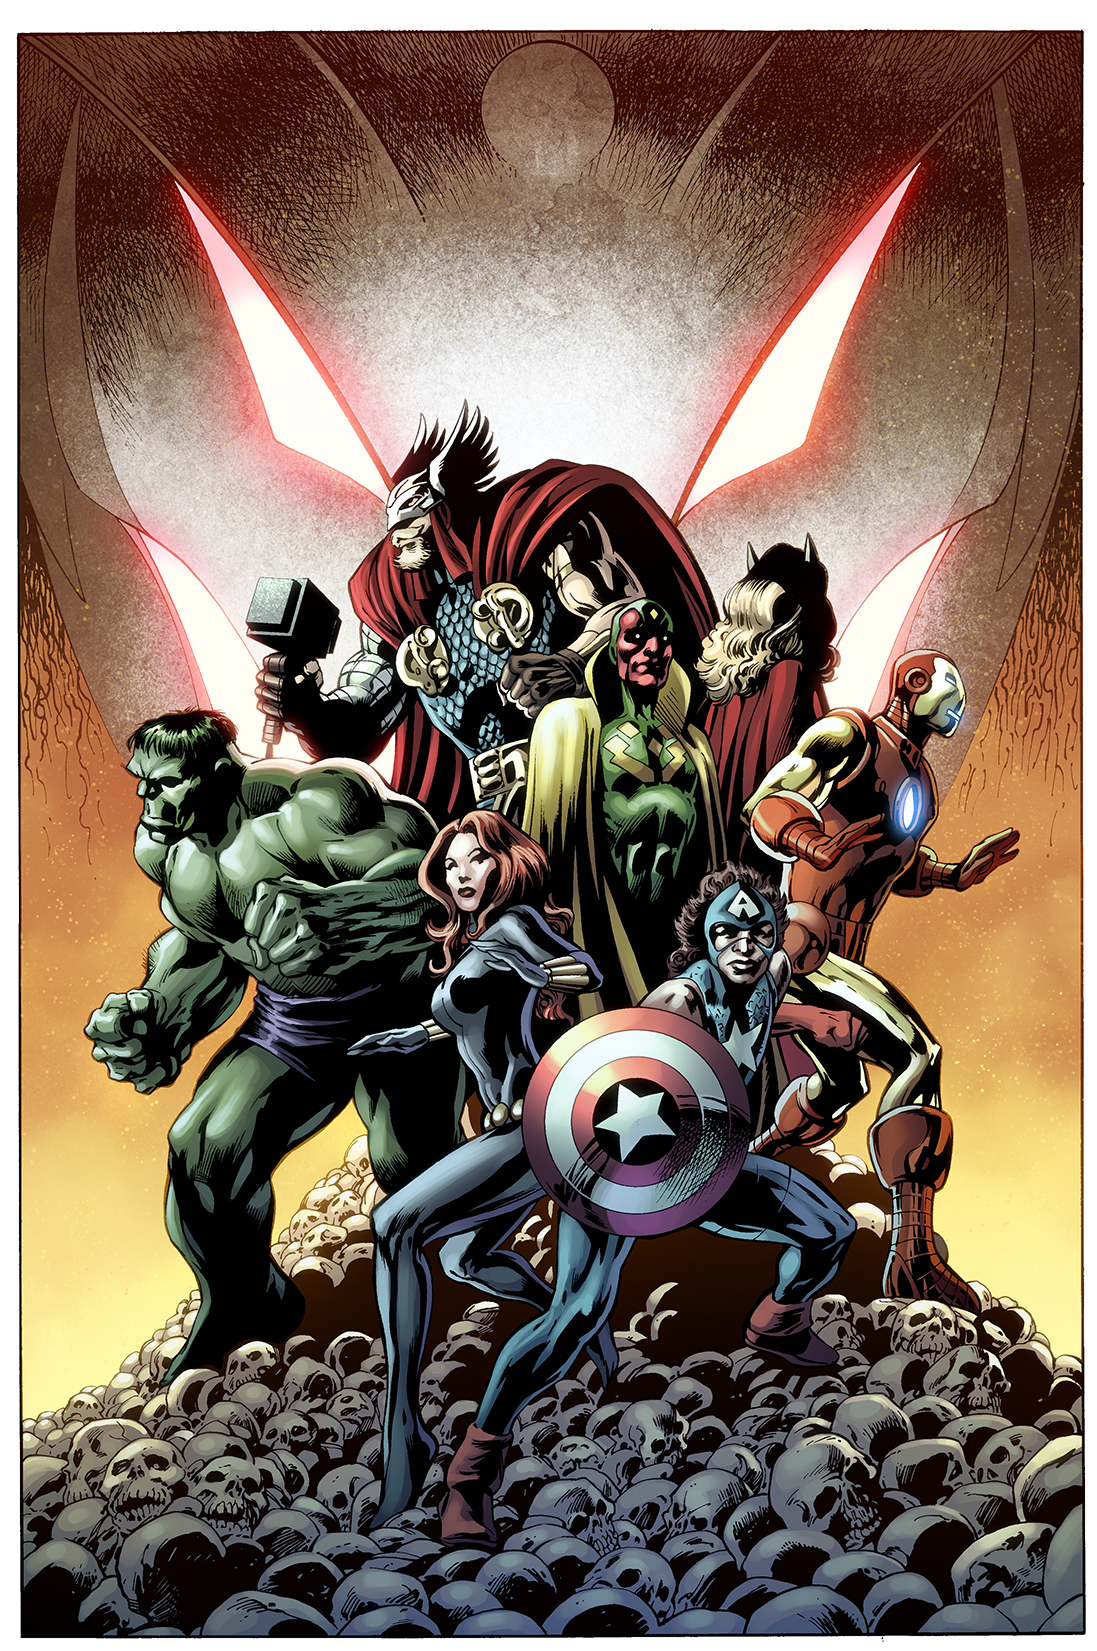 Avengers_Ultron_Forever_1_Cover